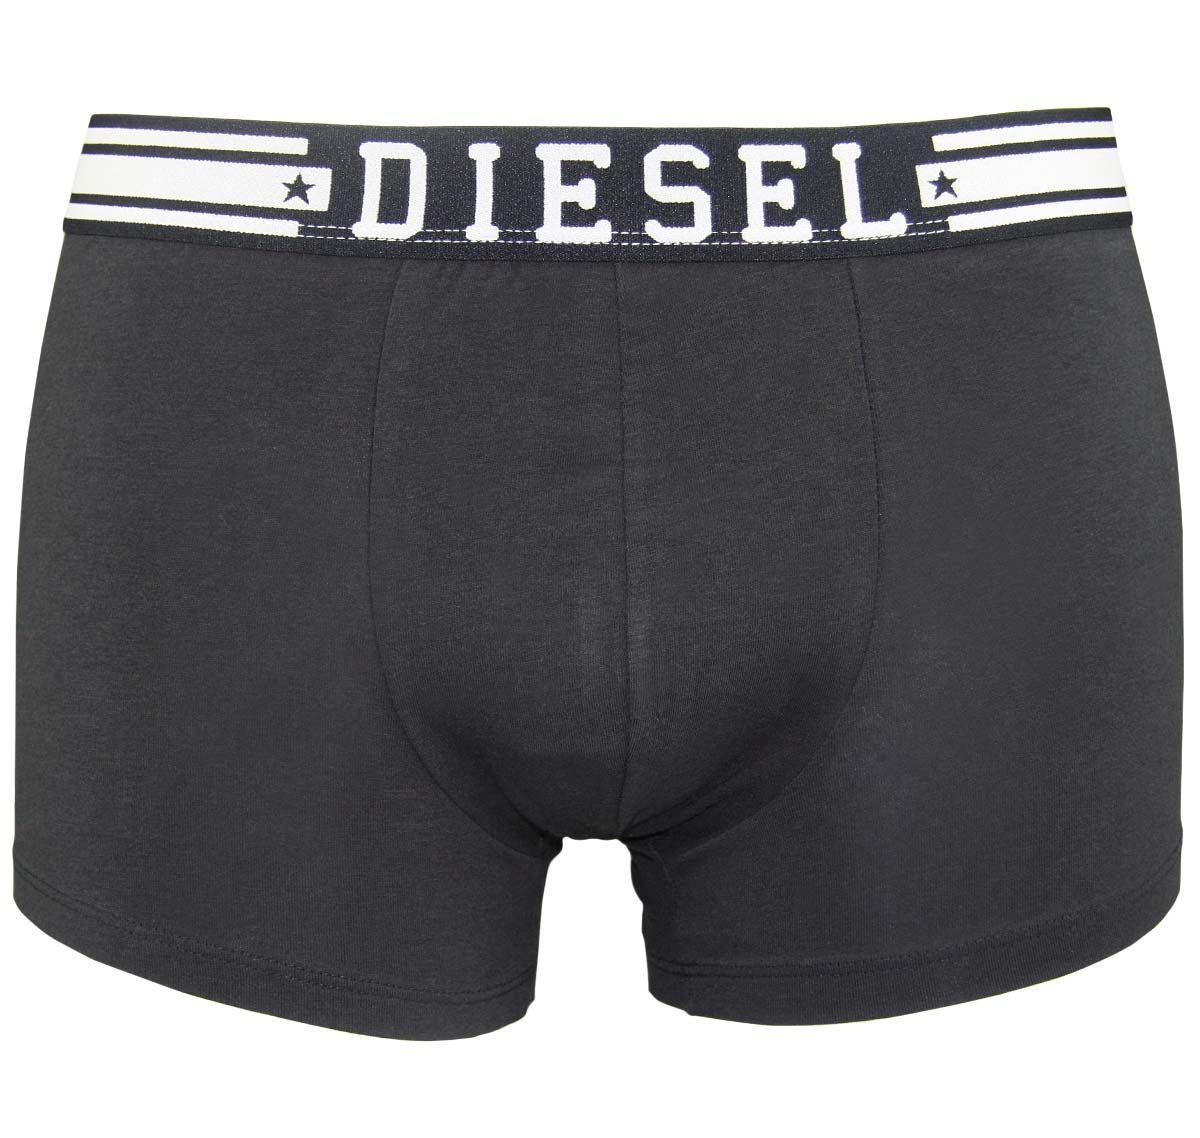 Diesel Confezione da 3 Boxer D6015-01 SHAWN BOXER 00SAB2-0LAHY-01, nero/bianco/rosso